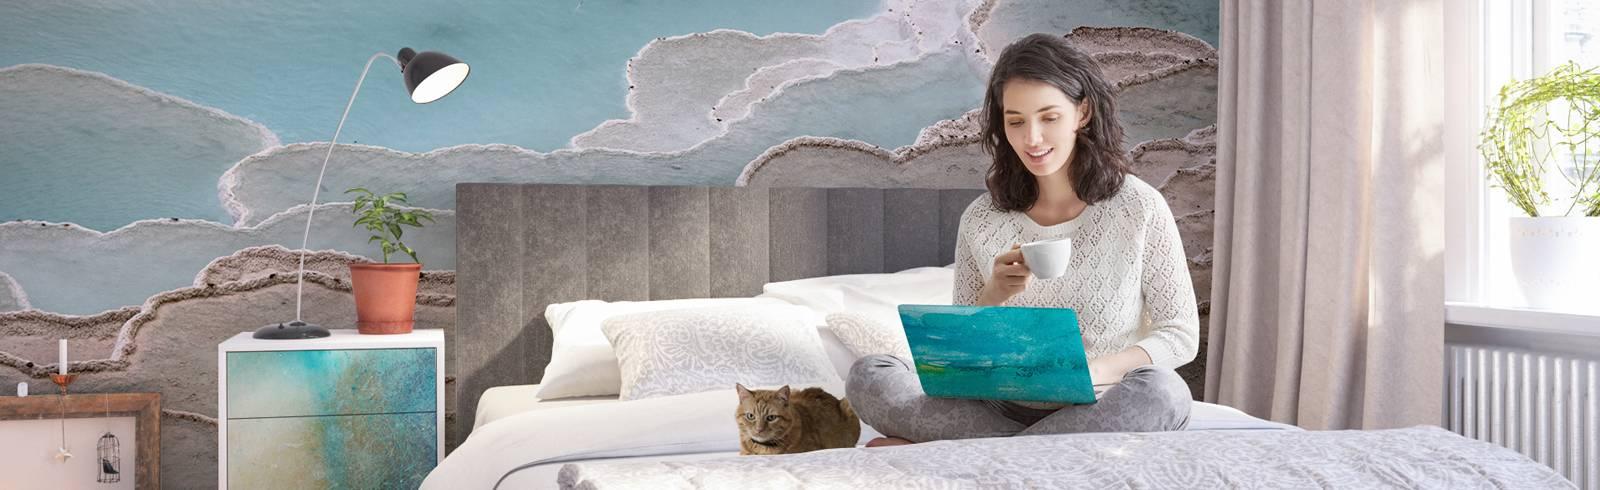 Fototapet och dekorer till sovrummet - Avkoppling